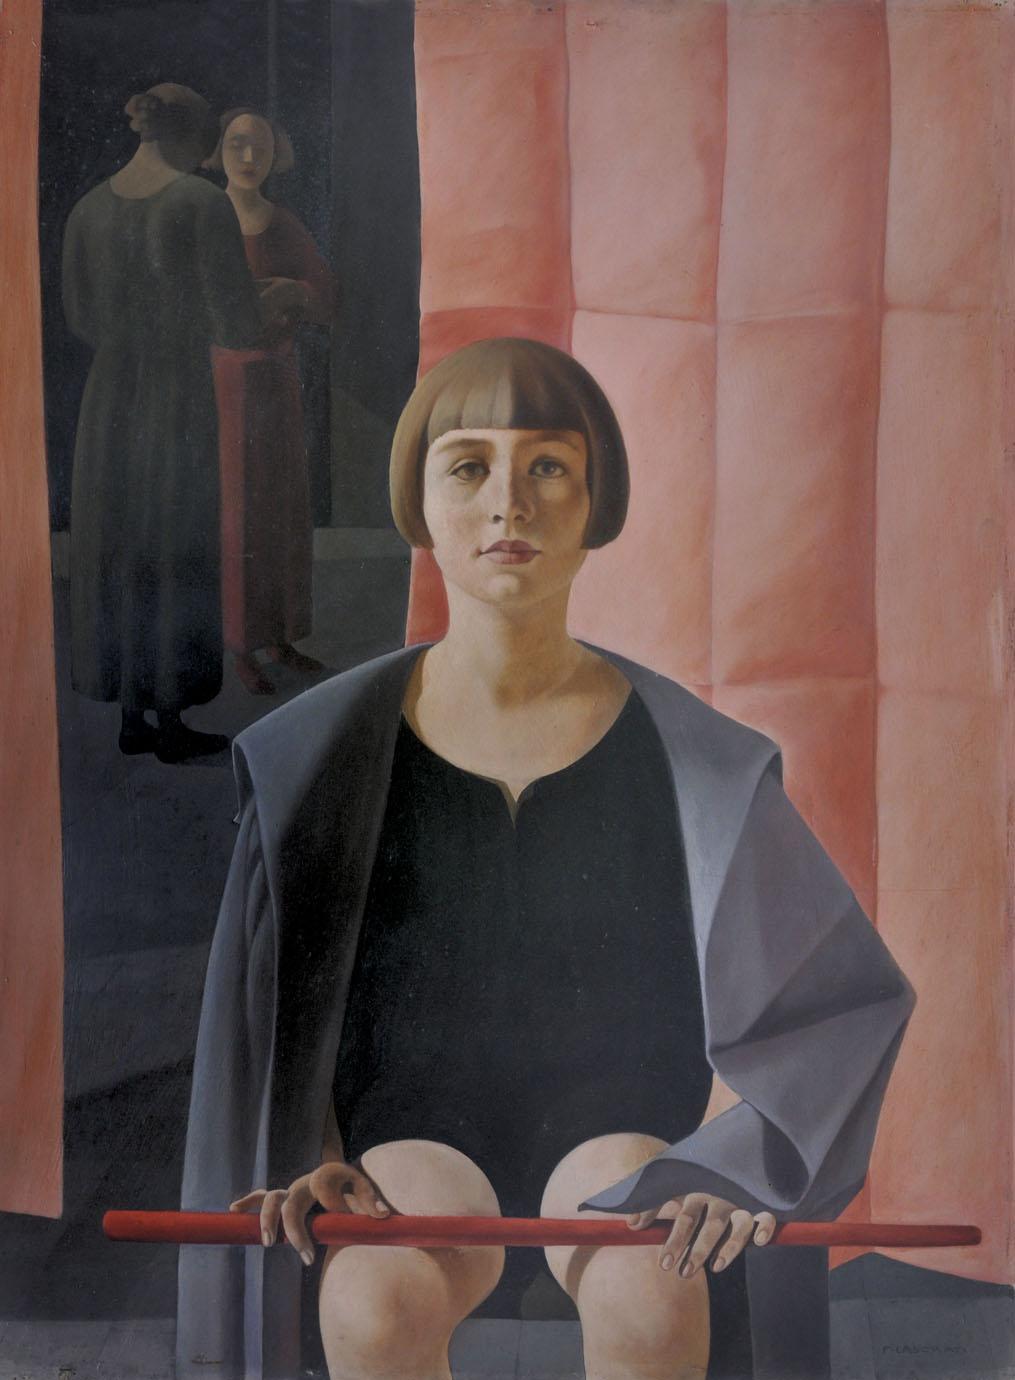 Felice Casorati_Ritratto di Renato Gualino_(1923-1924)_olio su compensato_Istituto Matteucci_Viareggio